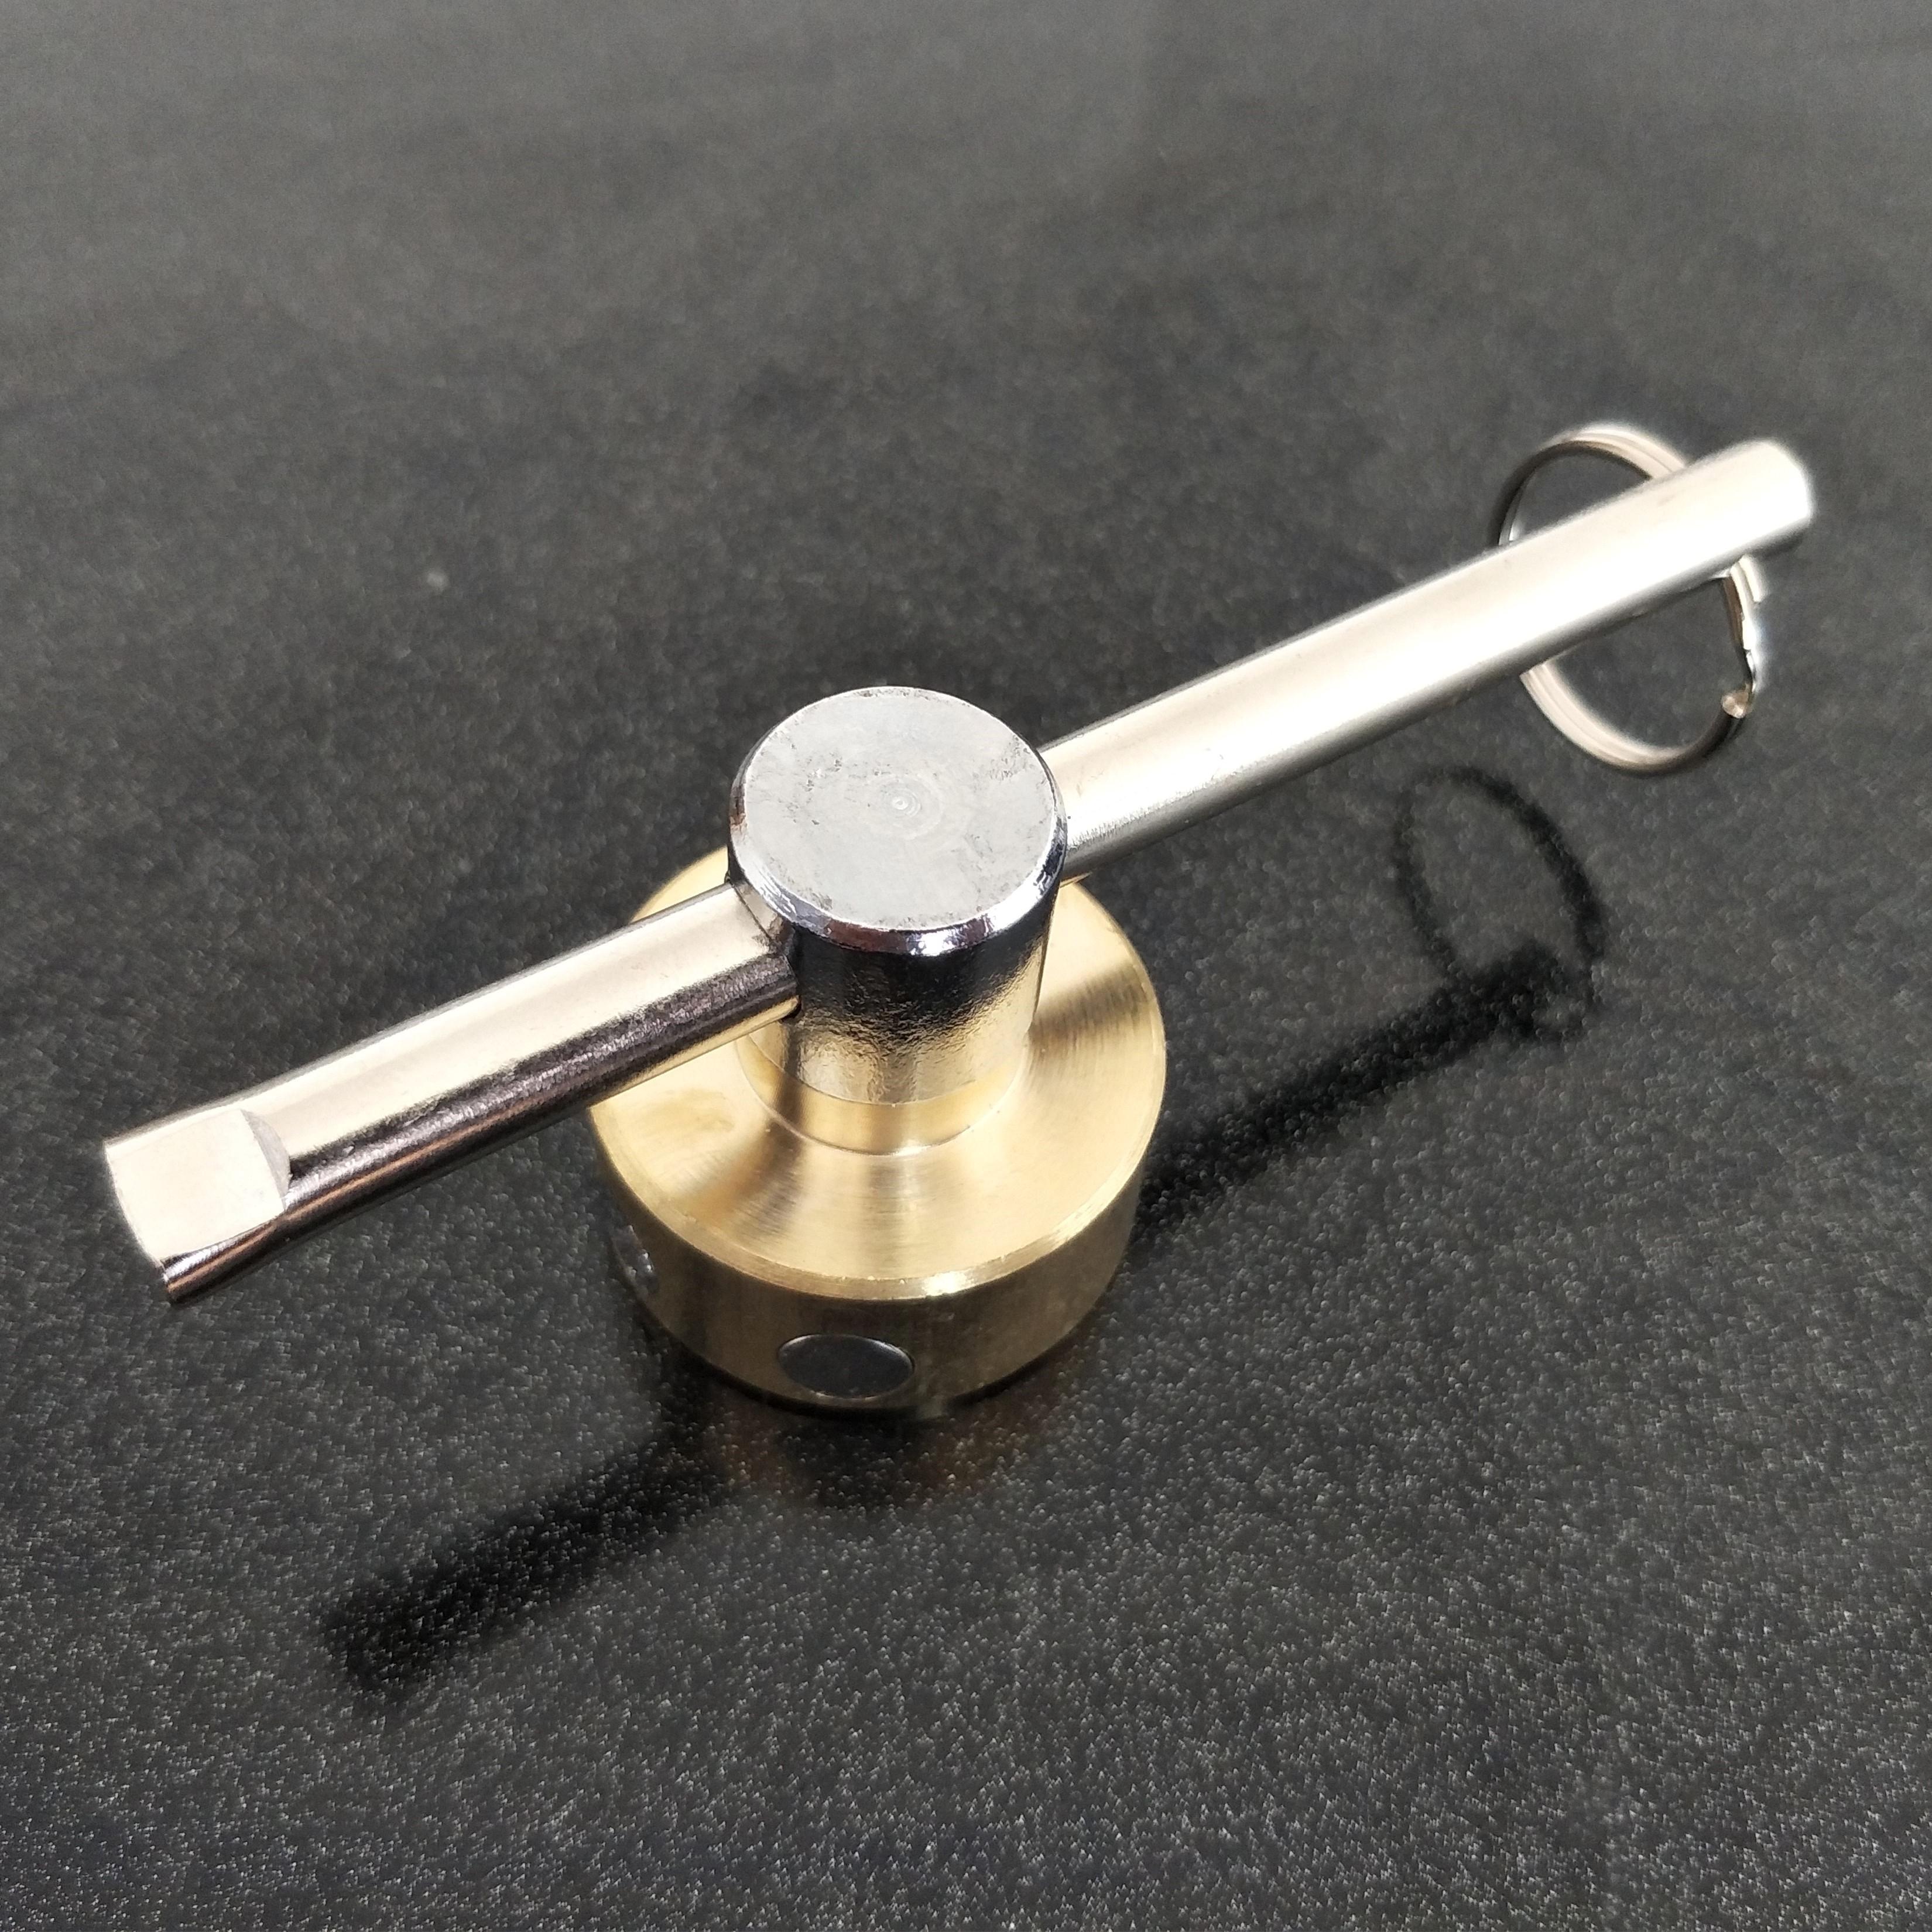 магнитный клапан клапан обогрева универсальный магнитный ключ водопроводной воды, тепловой слово счетчик воды переключатель блокировки клапан клапан